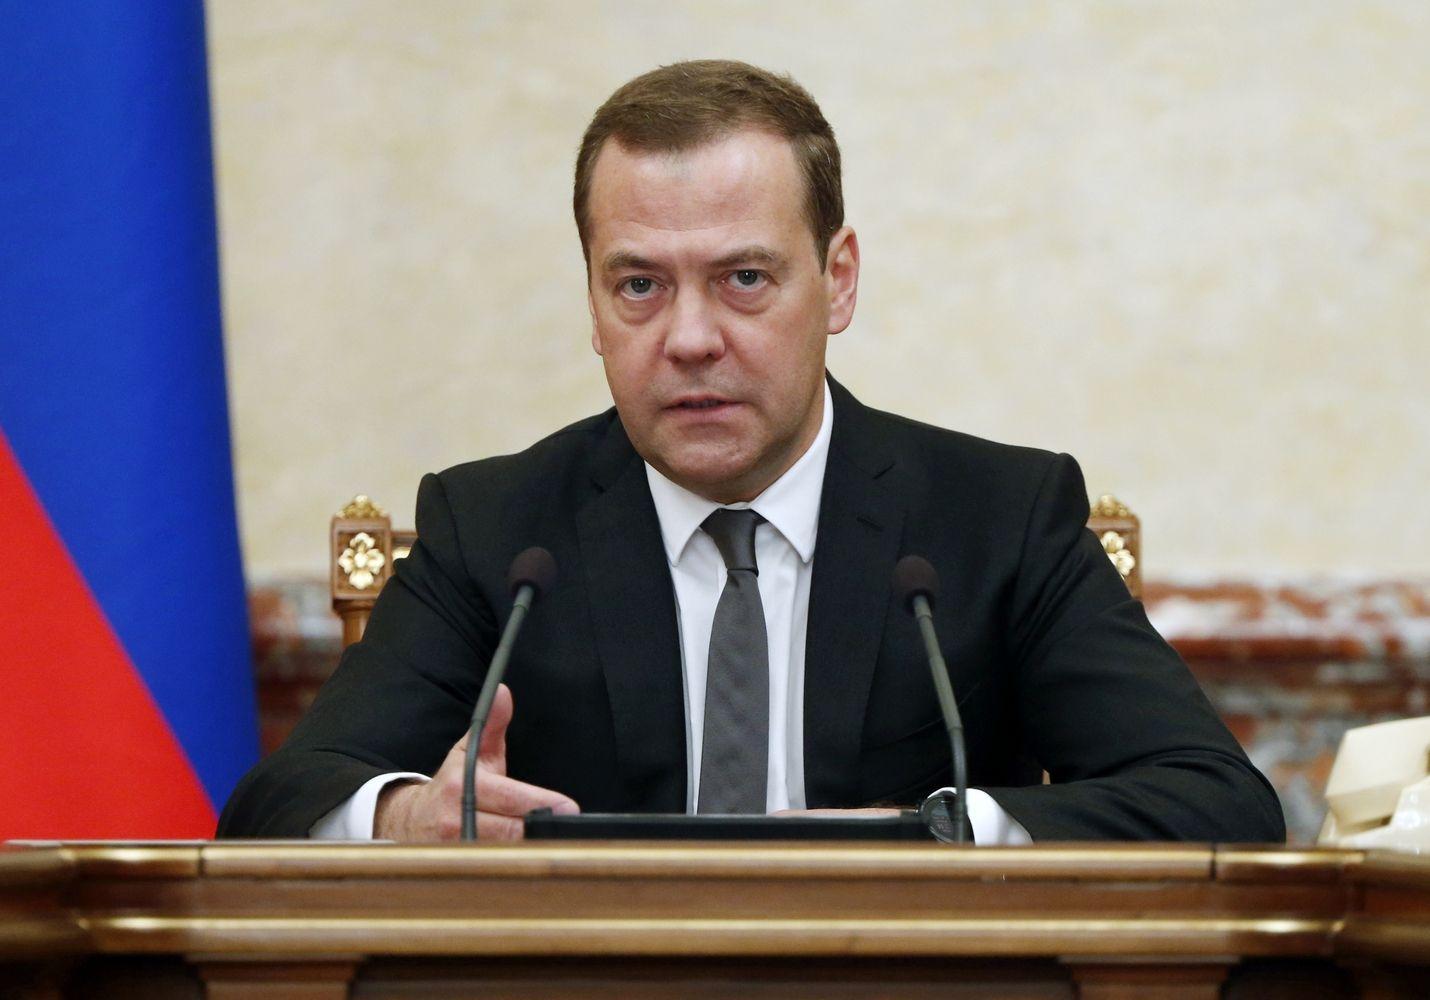 Pirmą kartą per modernios Rusijos istoriją siūlo didinti pensinį amžių